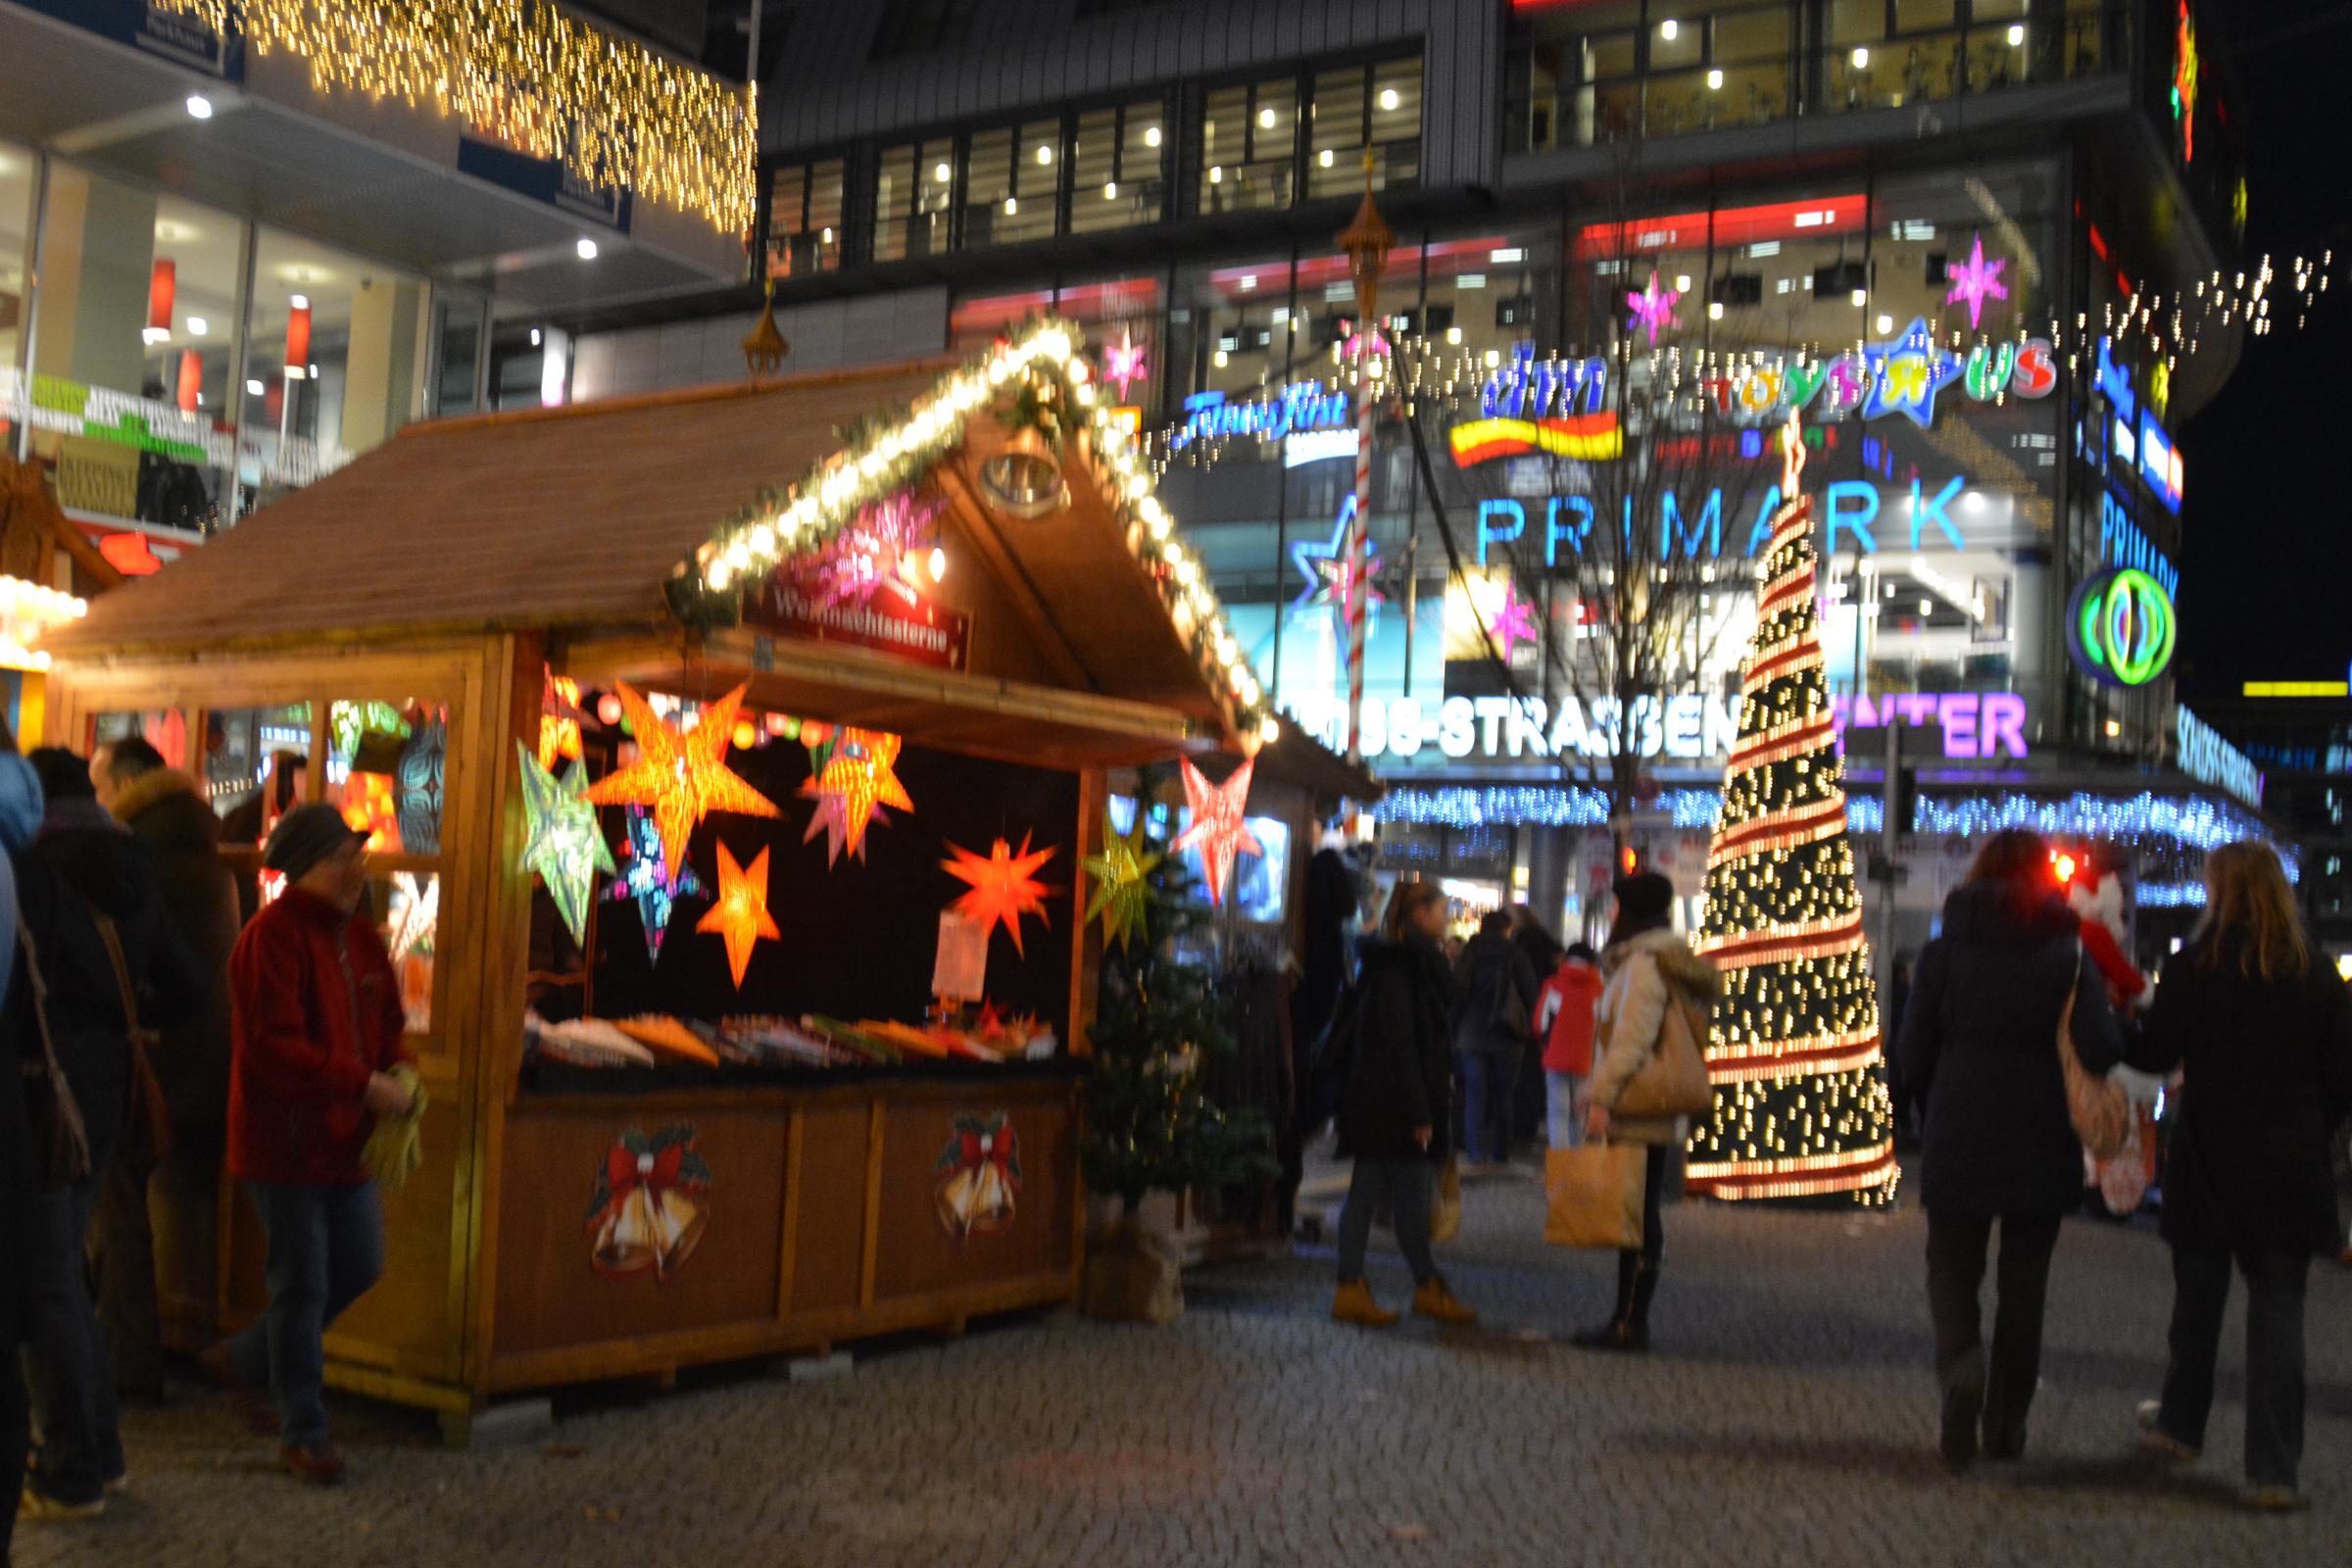 Weihnachtsmarkt in der Steglitzer Schloßstraße. Foto: Ulrich Horb